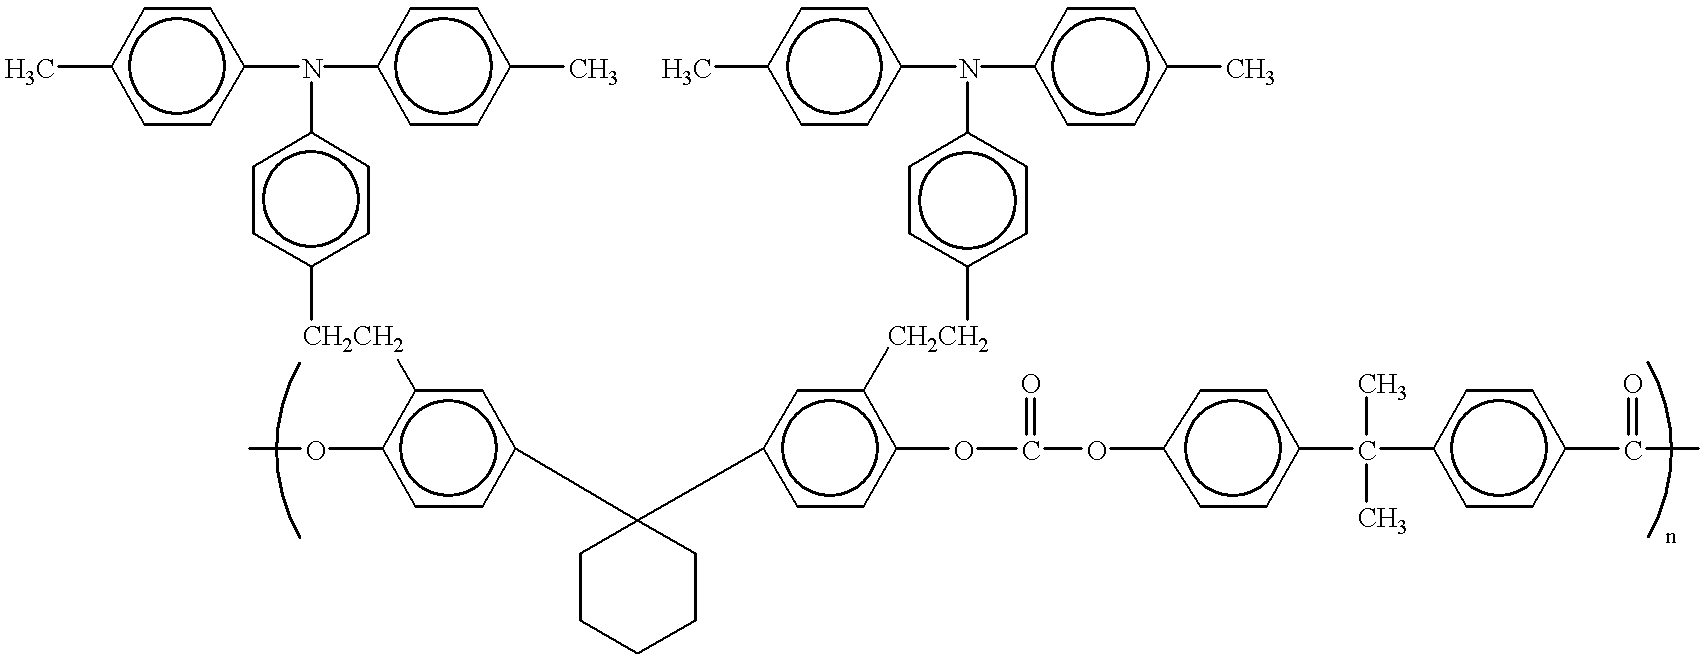 Figure US06558863-20030506-C00059